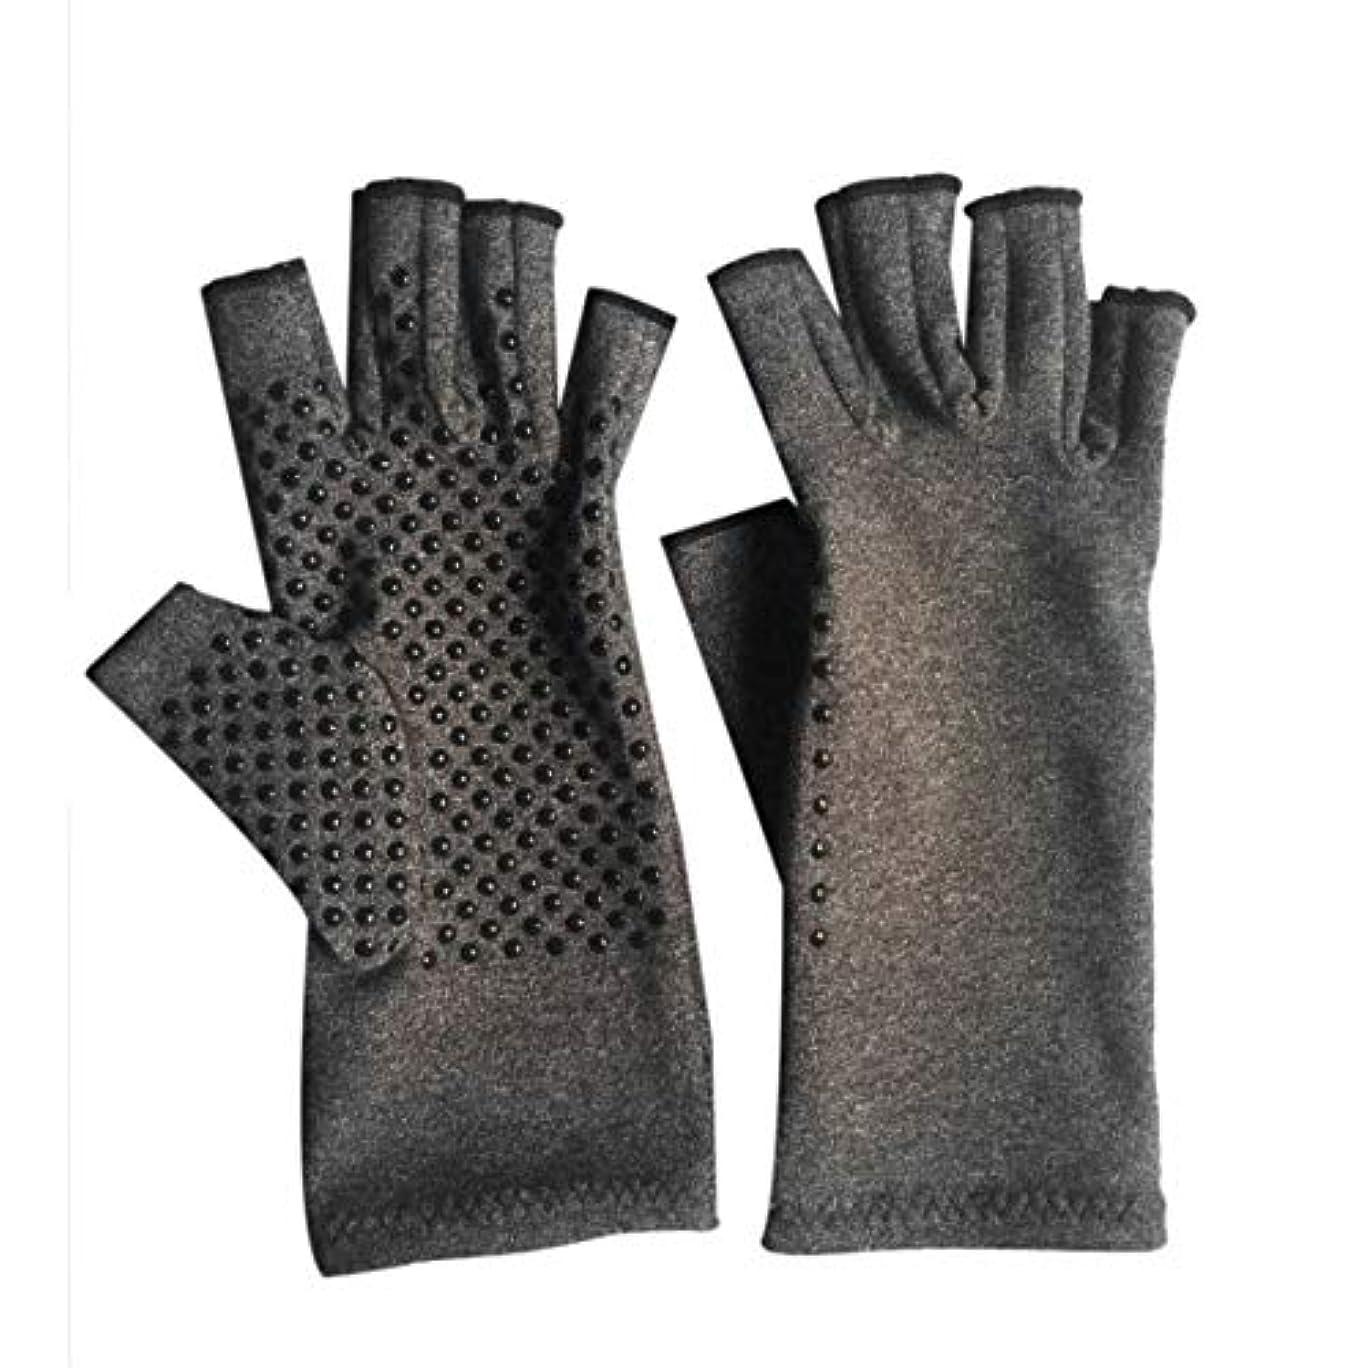 スプーン逆さまに磁石1ペアユニセックス男性女性療法圧縮手袋関節炎関節痛緩和ヘルスケア半指手袋トレーニング手袋 - グレーM